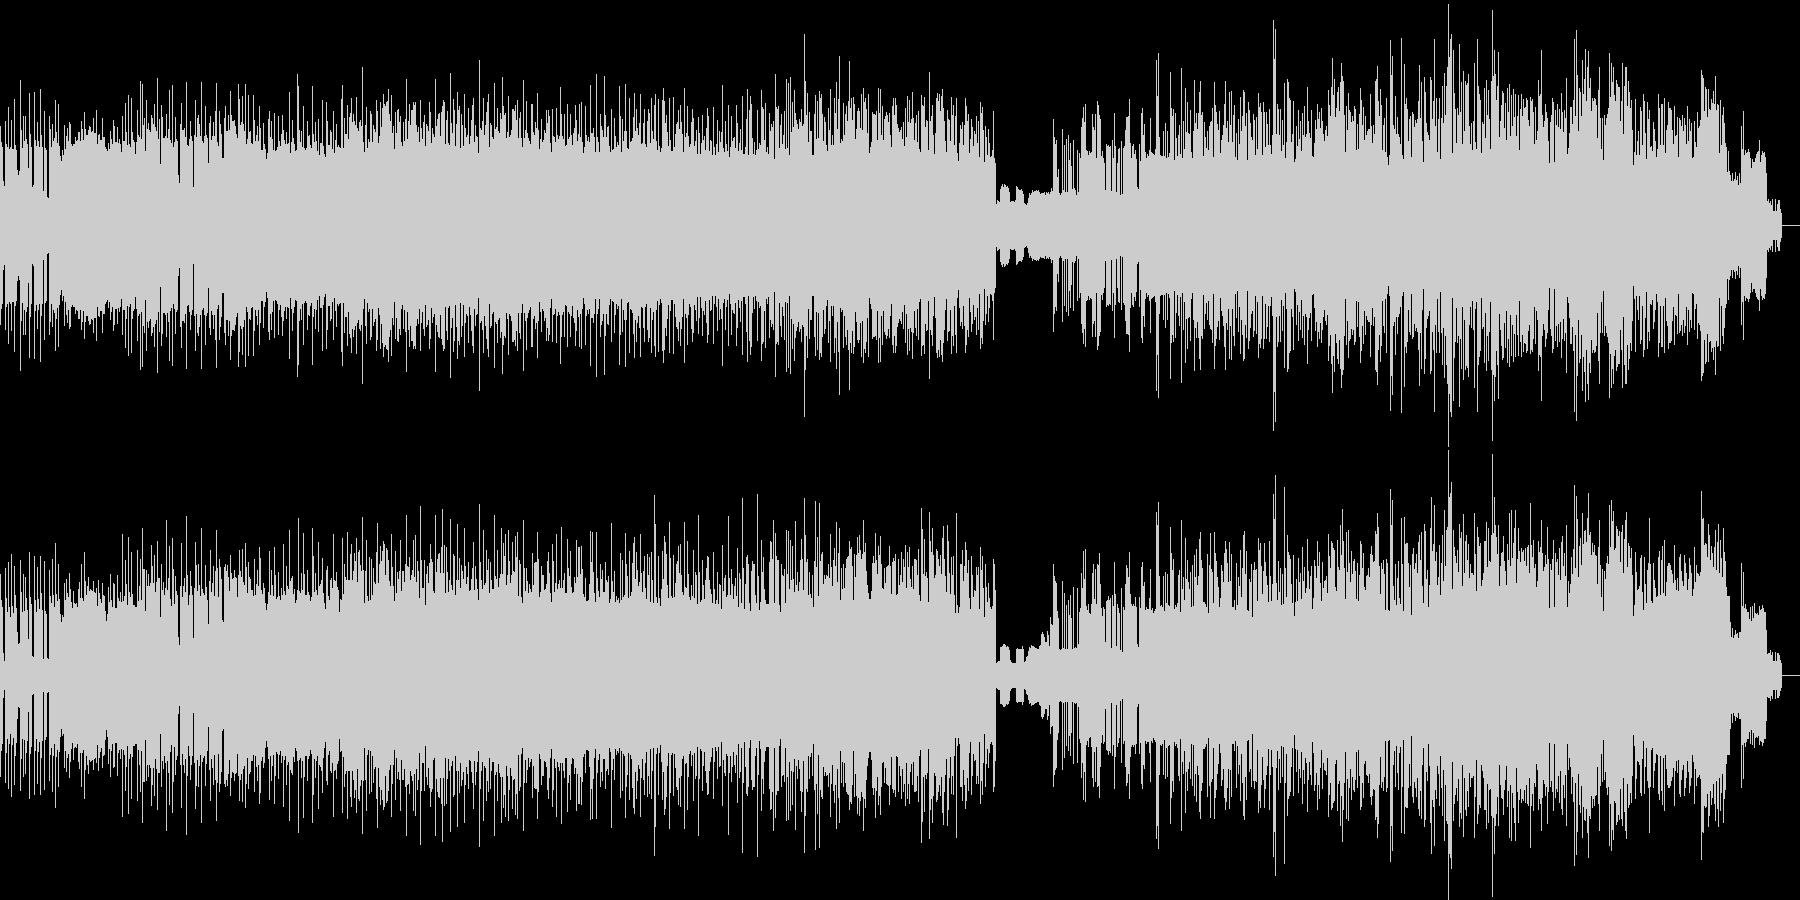 ビート感のあるノイズの未再生の波形